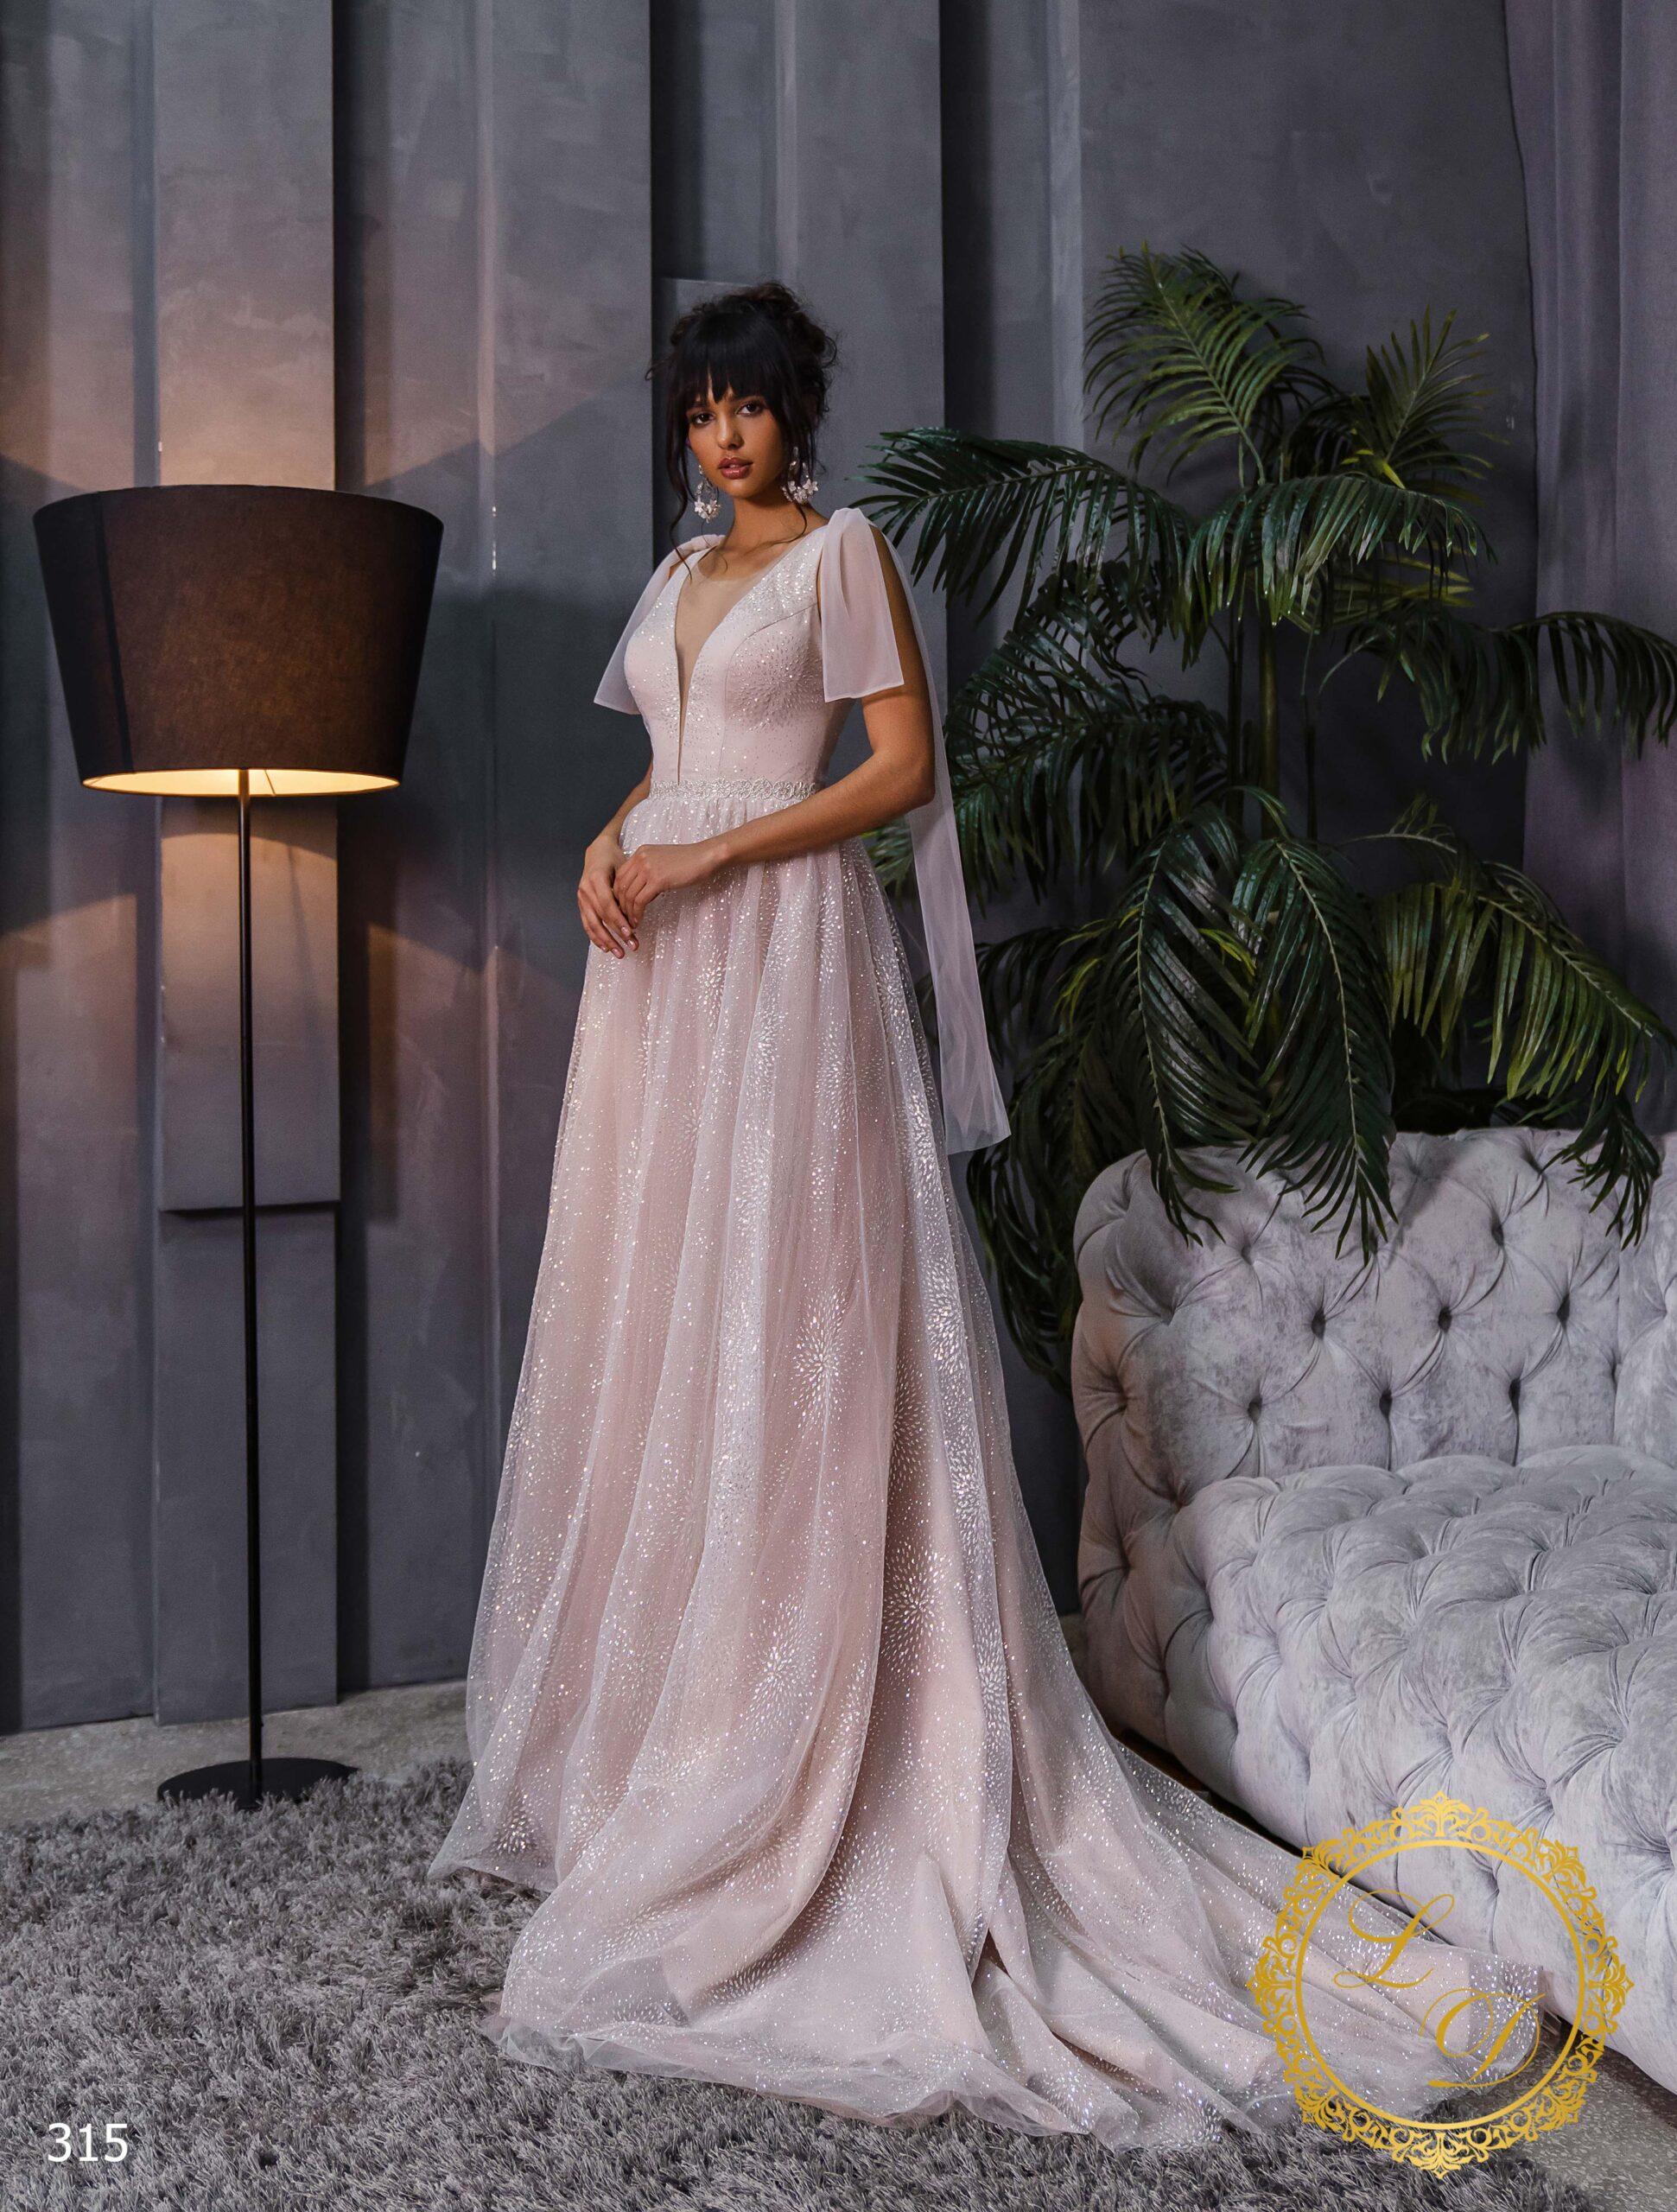 Свадебное платье Lady Di 315-1